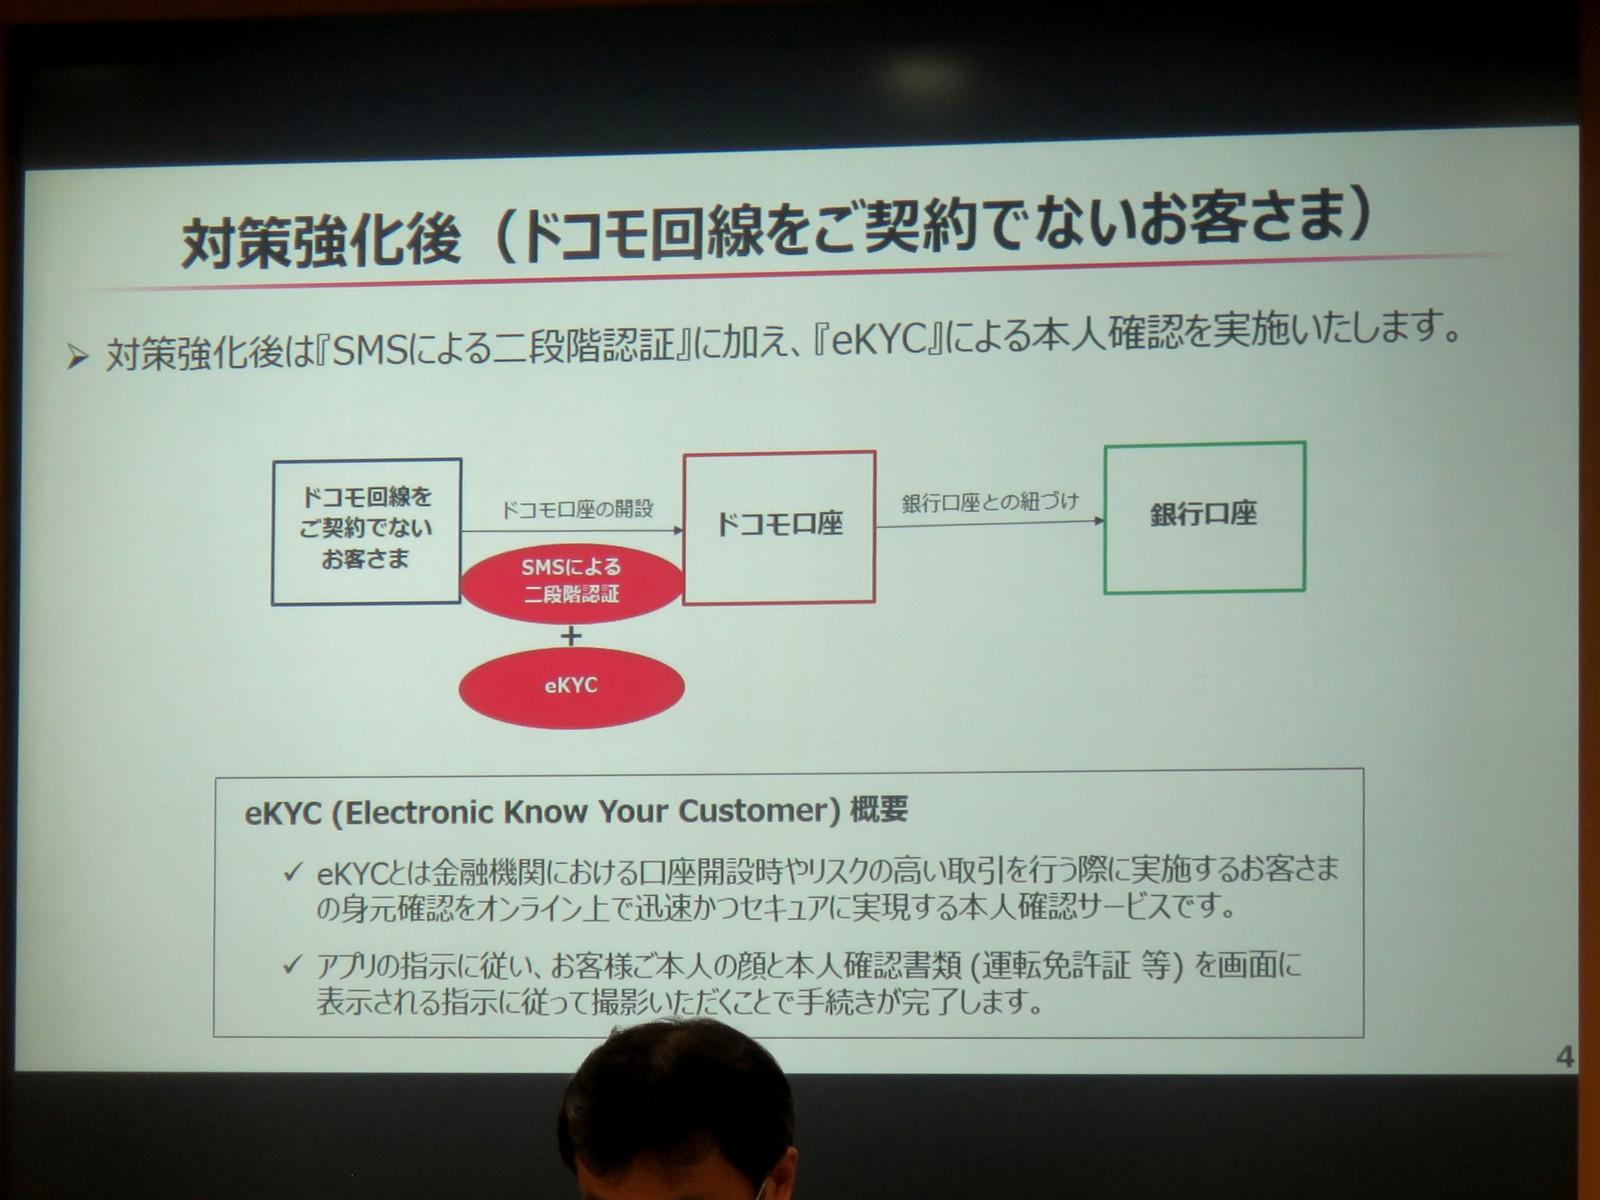 非ドコモ回線契約者のドコモ口座作成に対しては、SMS認証とeKYCによる本人確認を実施する。ただし、金融機関が保持する本人確認情報との突合は行われないという